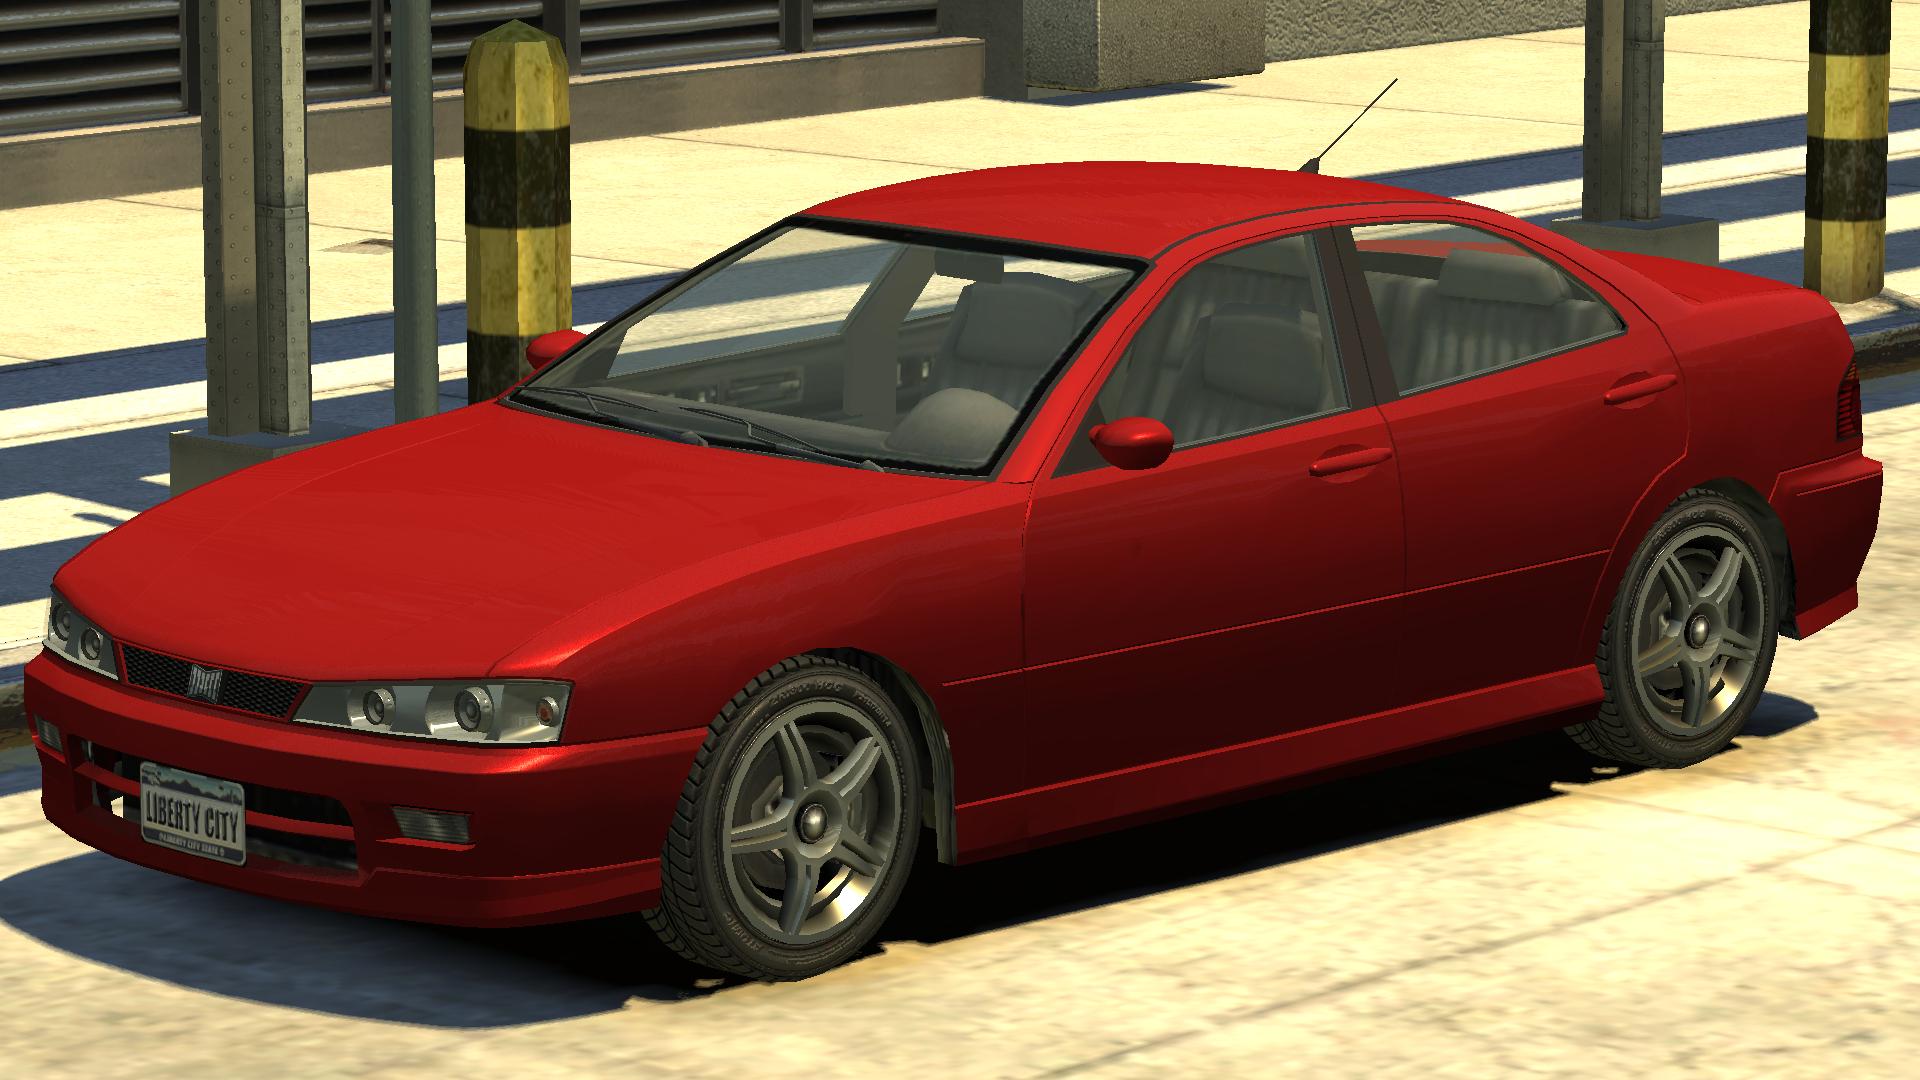 gta iv car customization pc